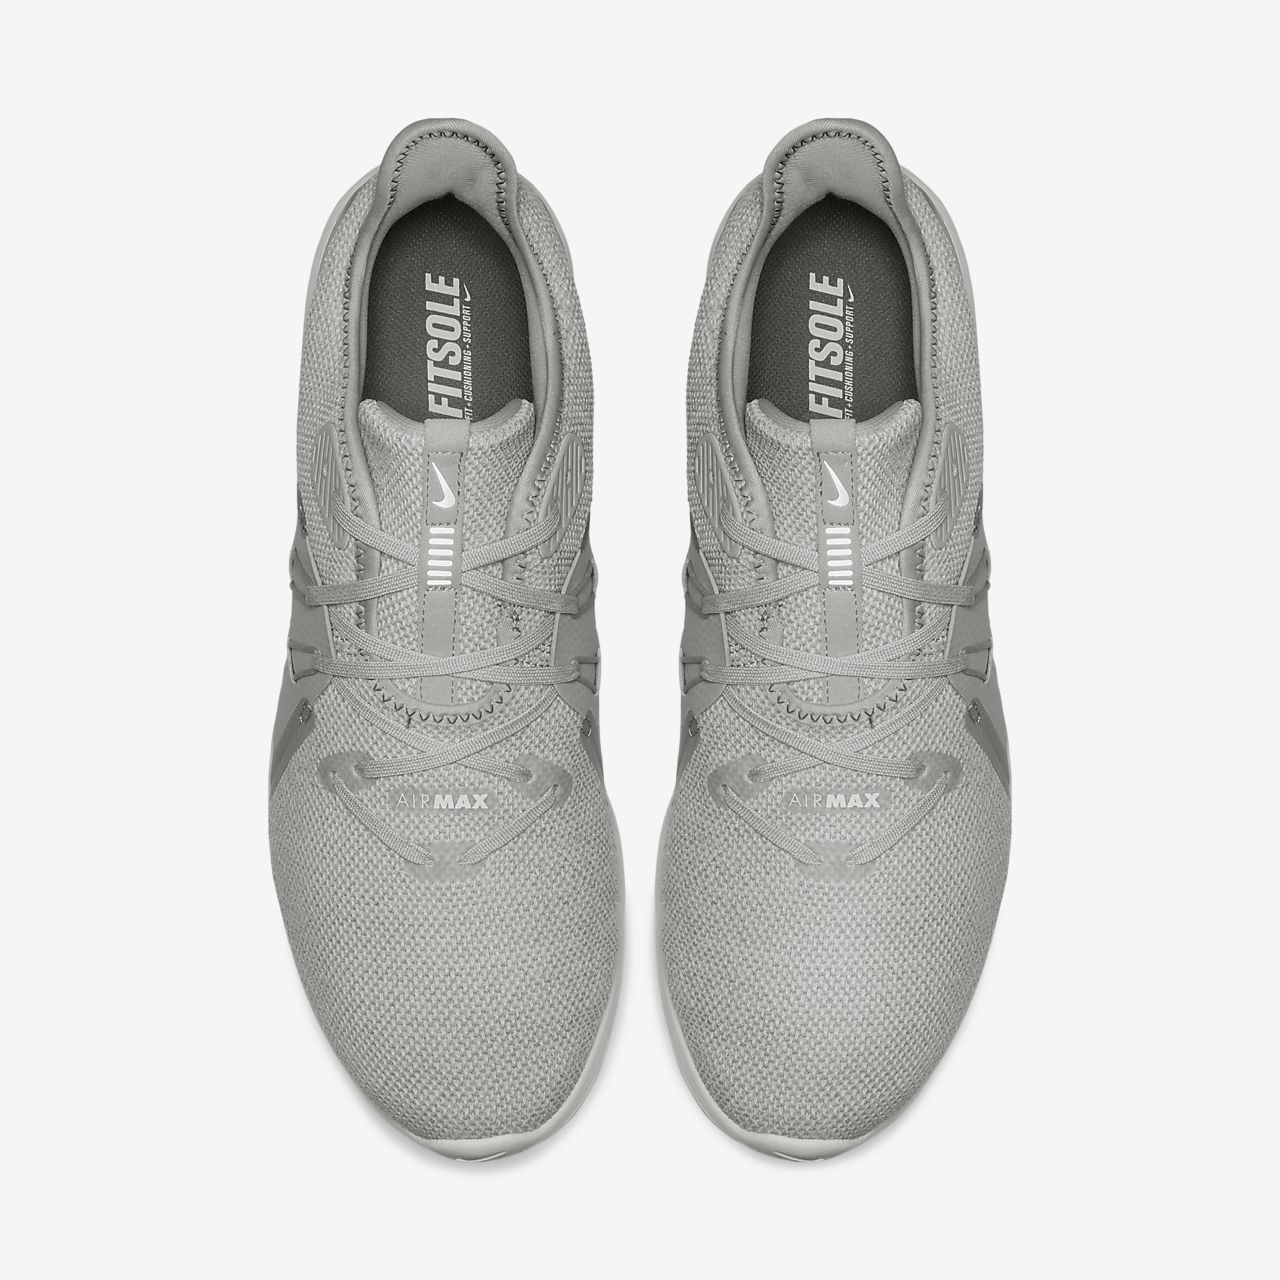 Tênis Nike Feminino Corrida Air Max Sequent 3 em Promoção é